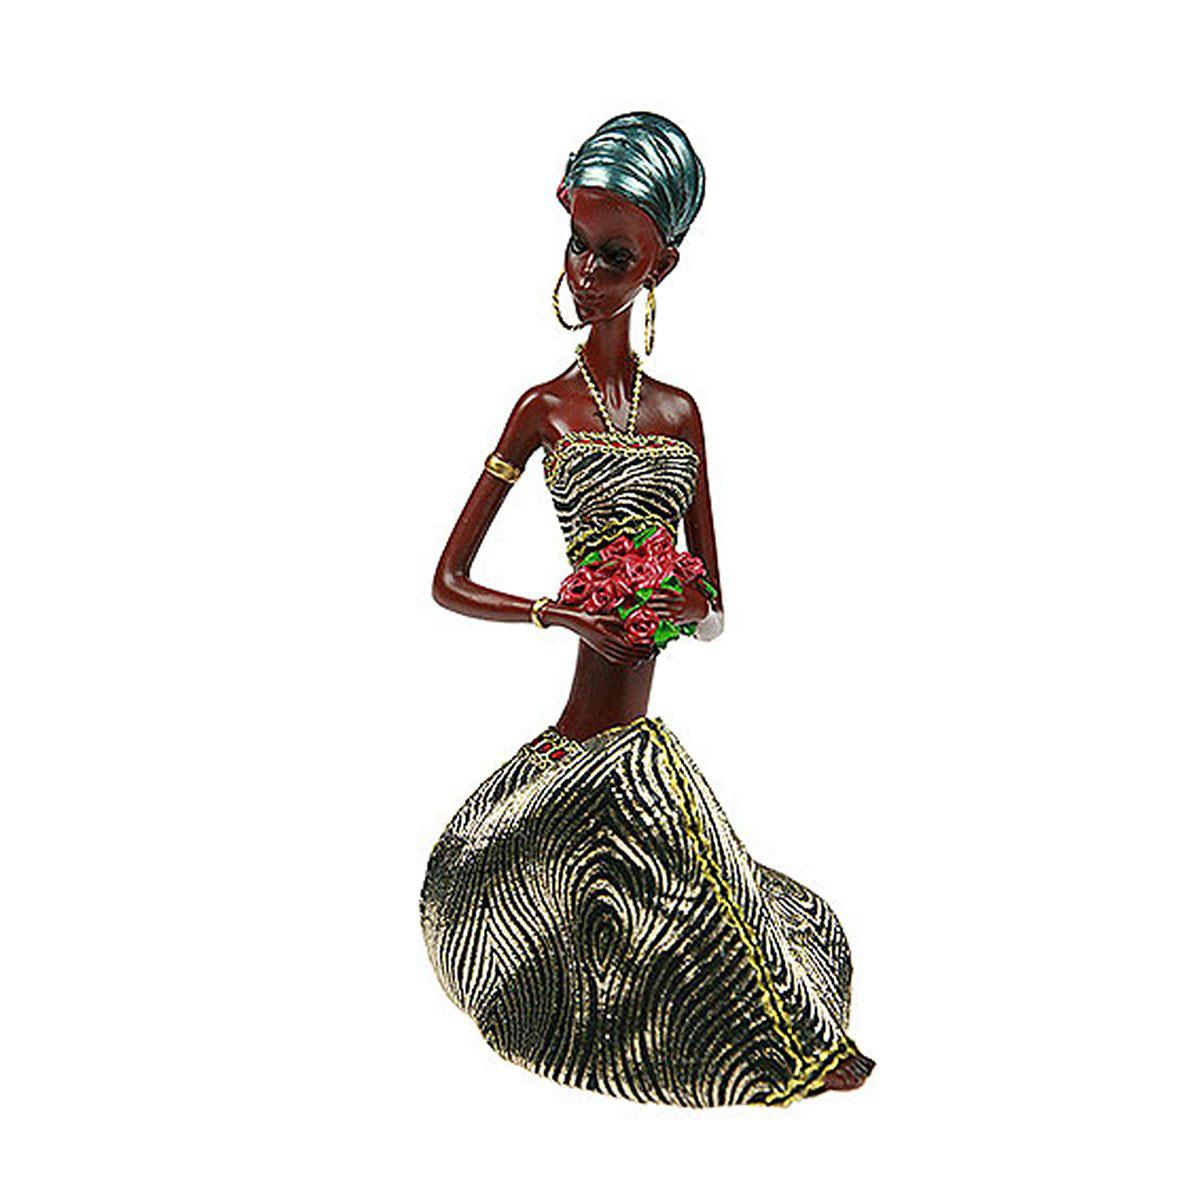 Статуэтка Русские Подарки Африканка, 11 х 15 х 24 см20621Статуэтка Русские Подарки Африканка, изготовленная из полистоуна, имеет изысканный внешний вид. Изделие станет прекрасным украшением интерьера гостиной, офиса или дома. Вы можете поставить статуэтку в любое место, где она будет удачно смотреться и радовать глаз. Правила ухода: регулярно вытирать пыль сухой, мягкой тканью.